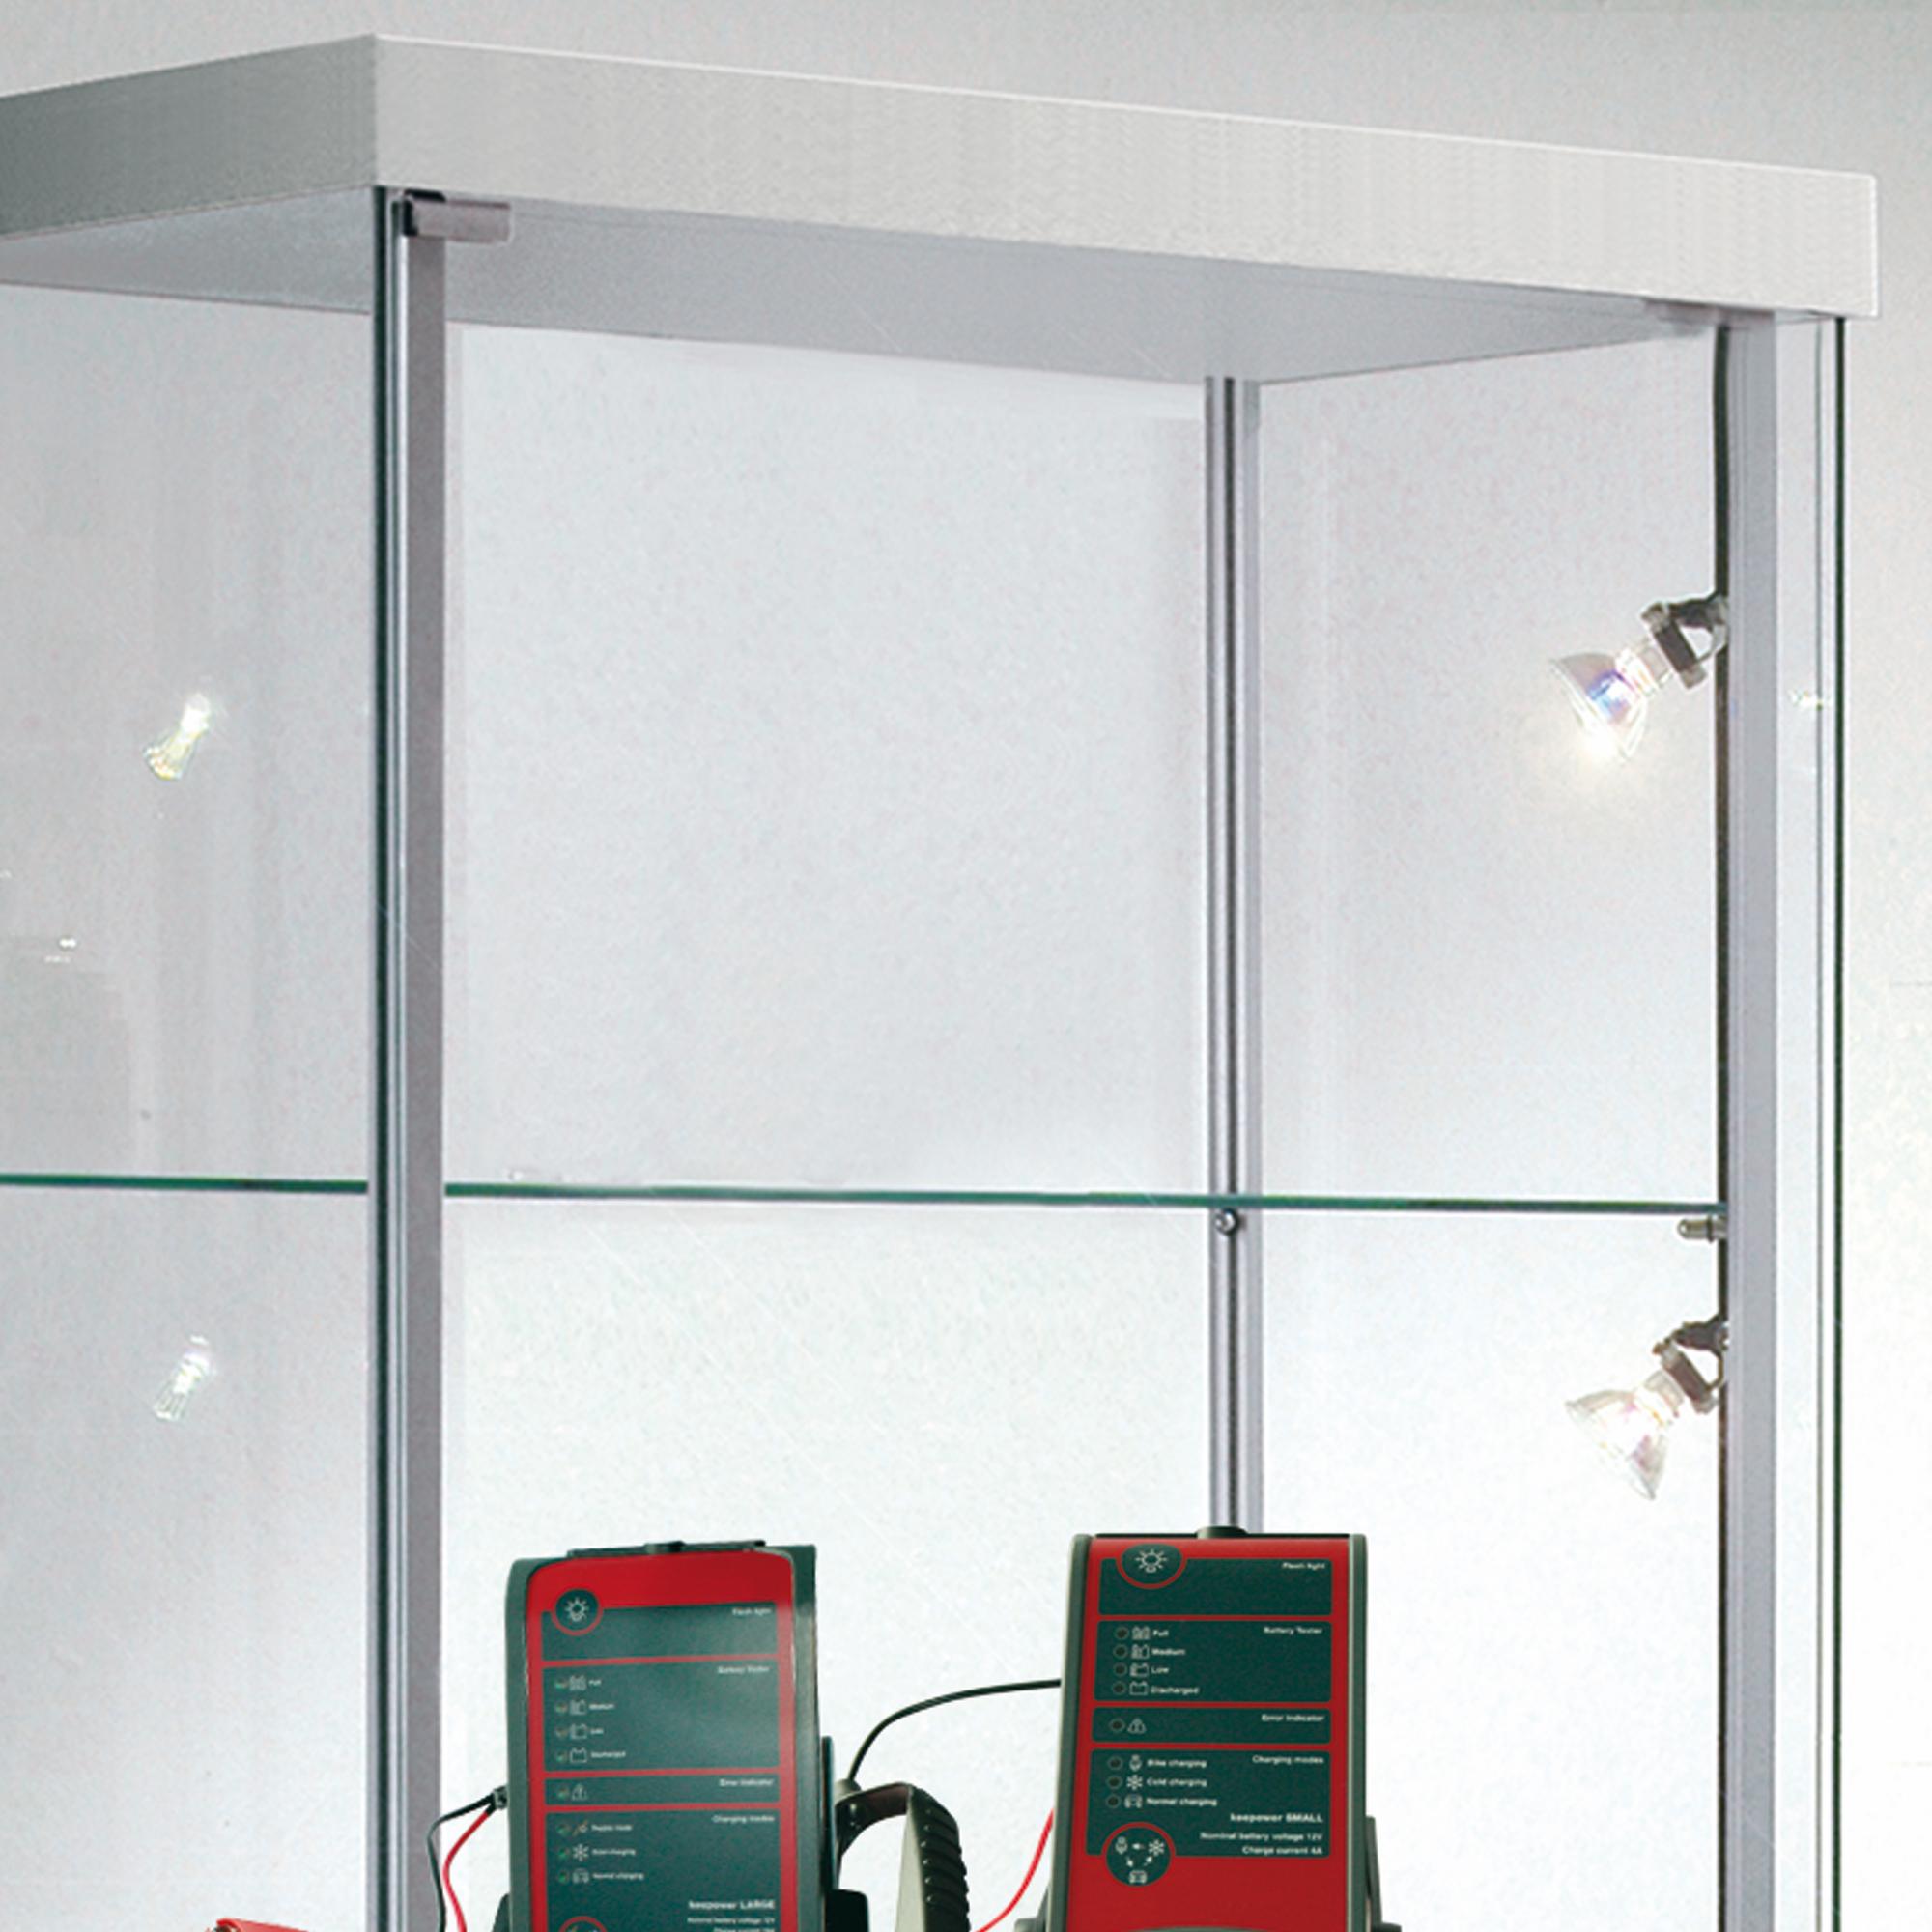 Beleuchtung f r vitrinen jetzt online kaufen im ahb shop for Beleuchtung shop